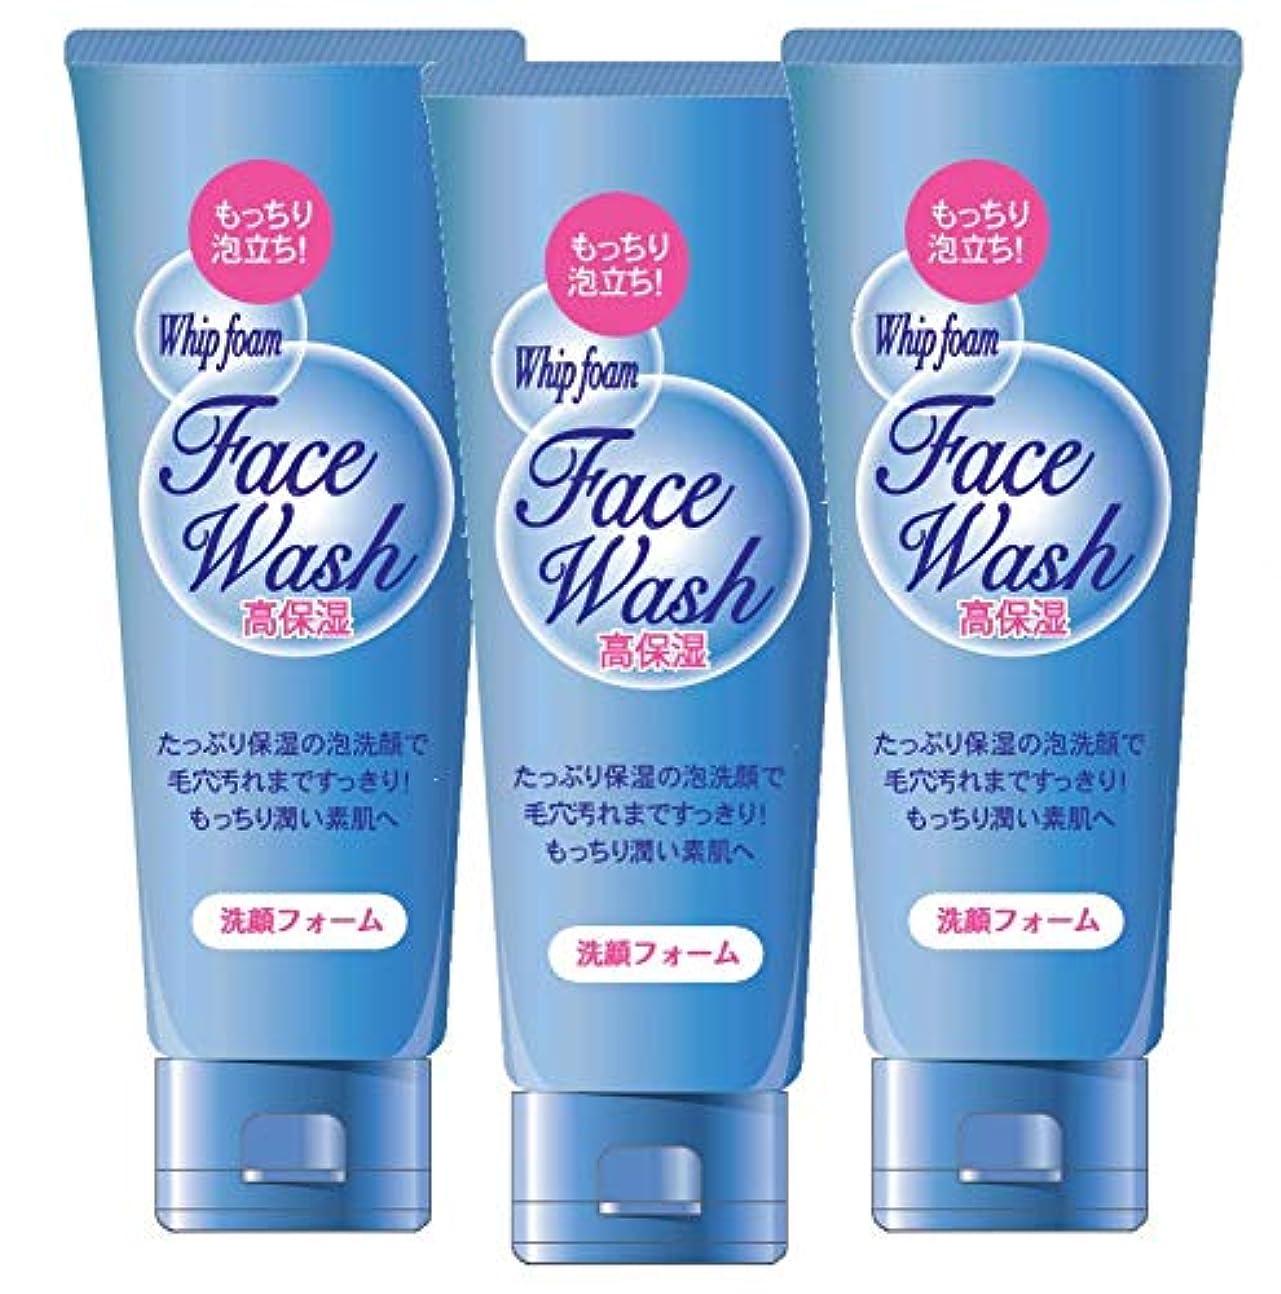 ビン方程式心配するたっぷり泡洗顔フォーム150g (150g*3本)